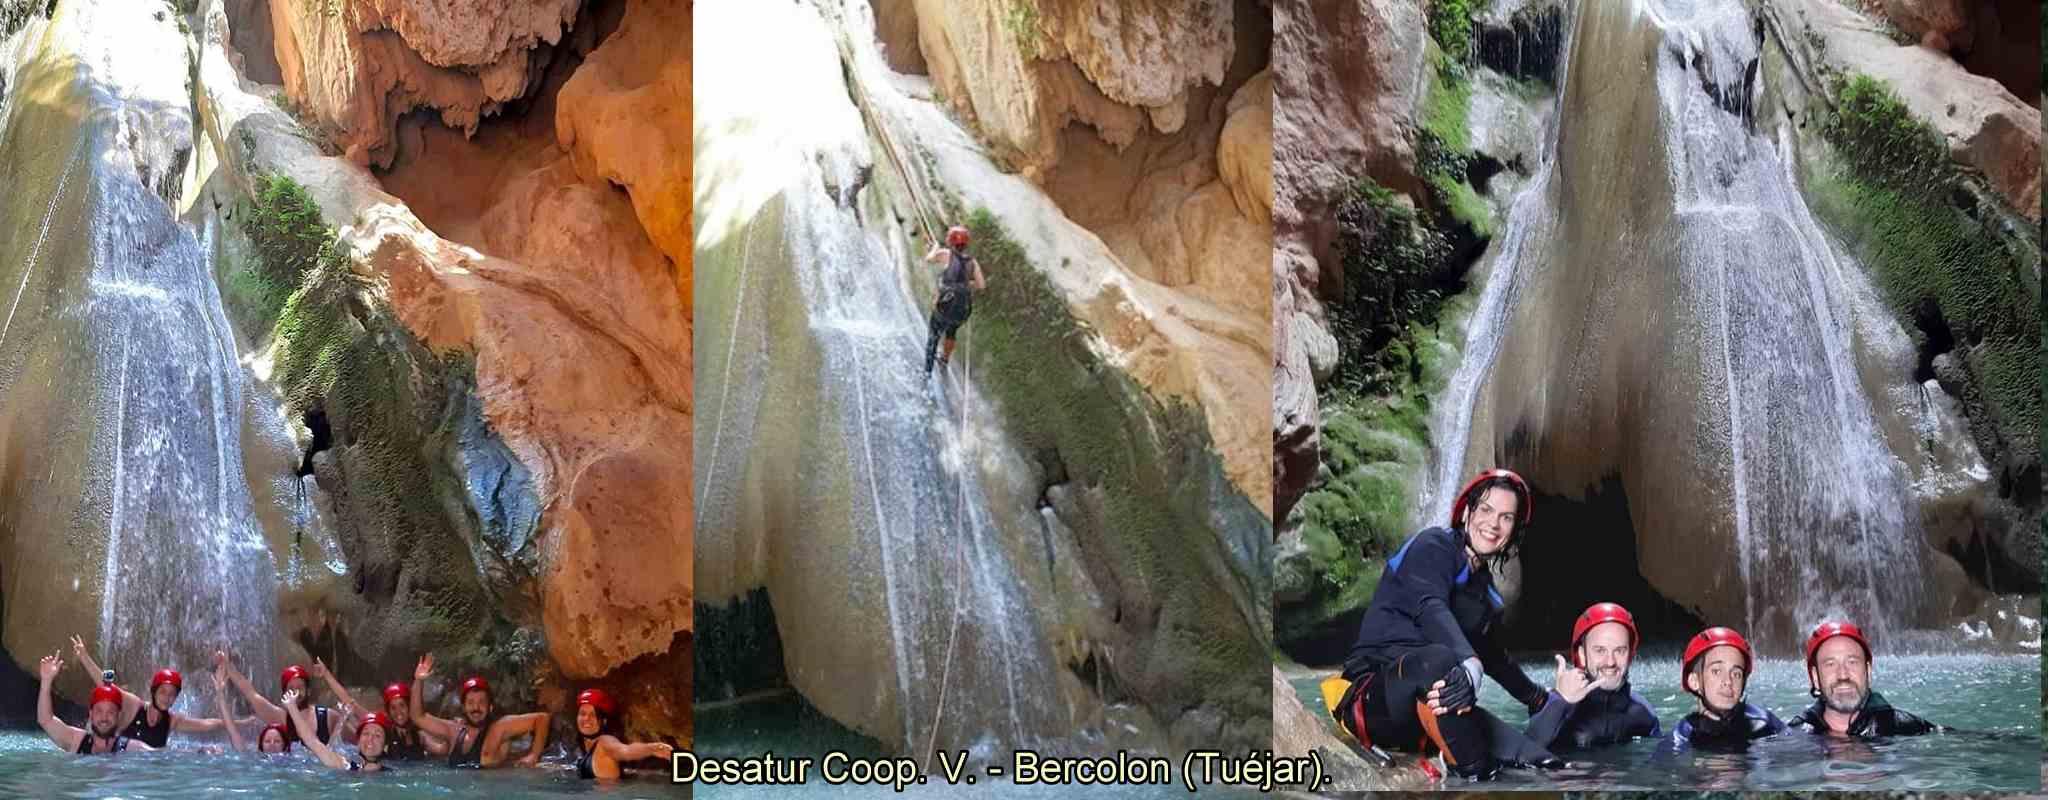 Descens de Barrancs - Bercolon a Tuéjar (València)